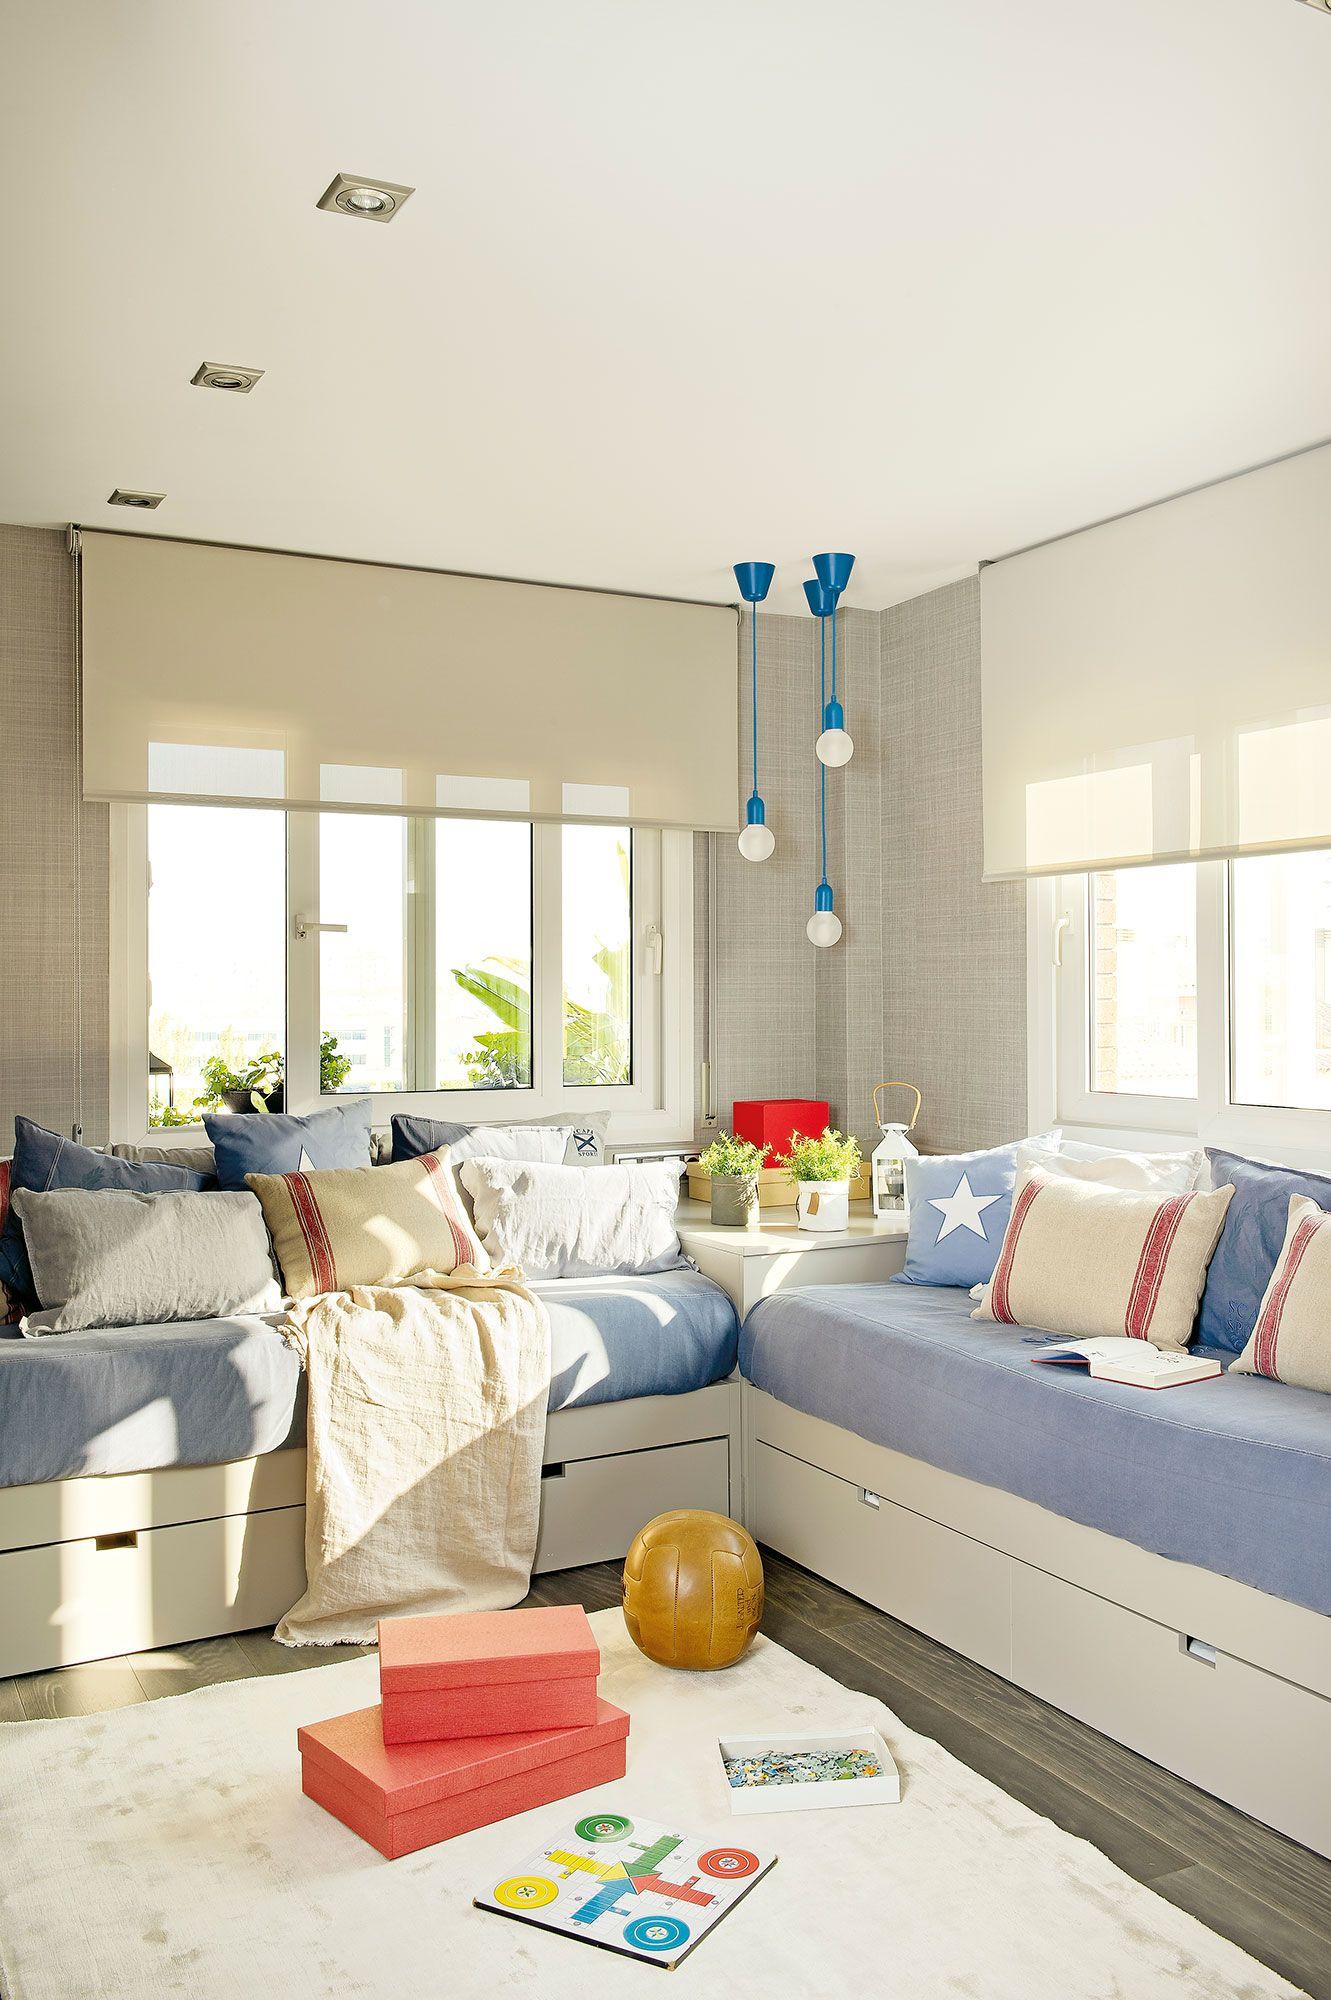 Donde caben dos caben tres kidsroom and decoration en - Habitaciones con tres camas ...